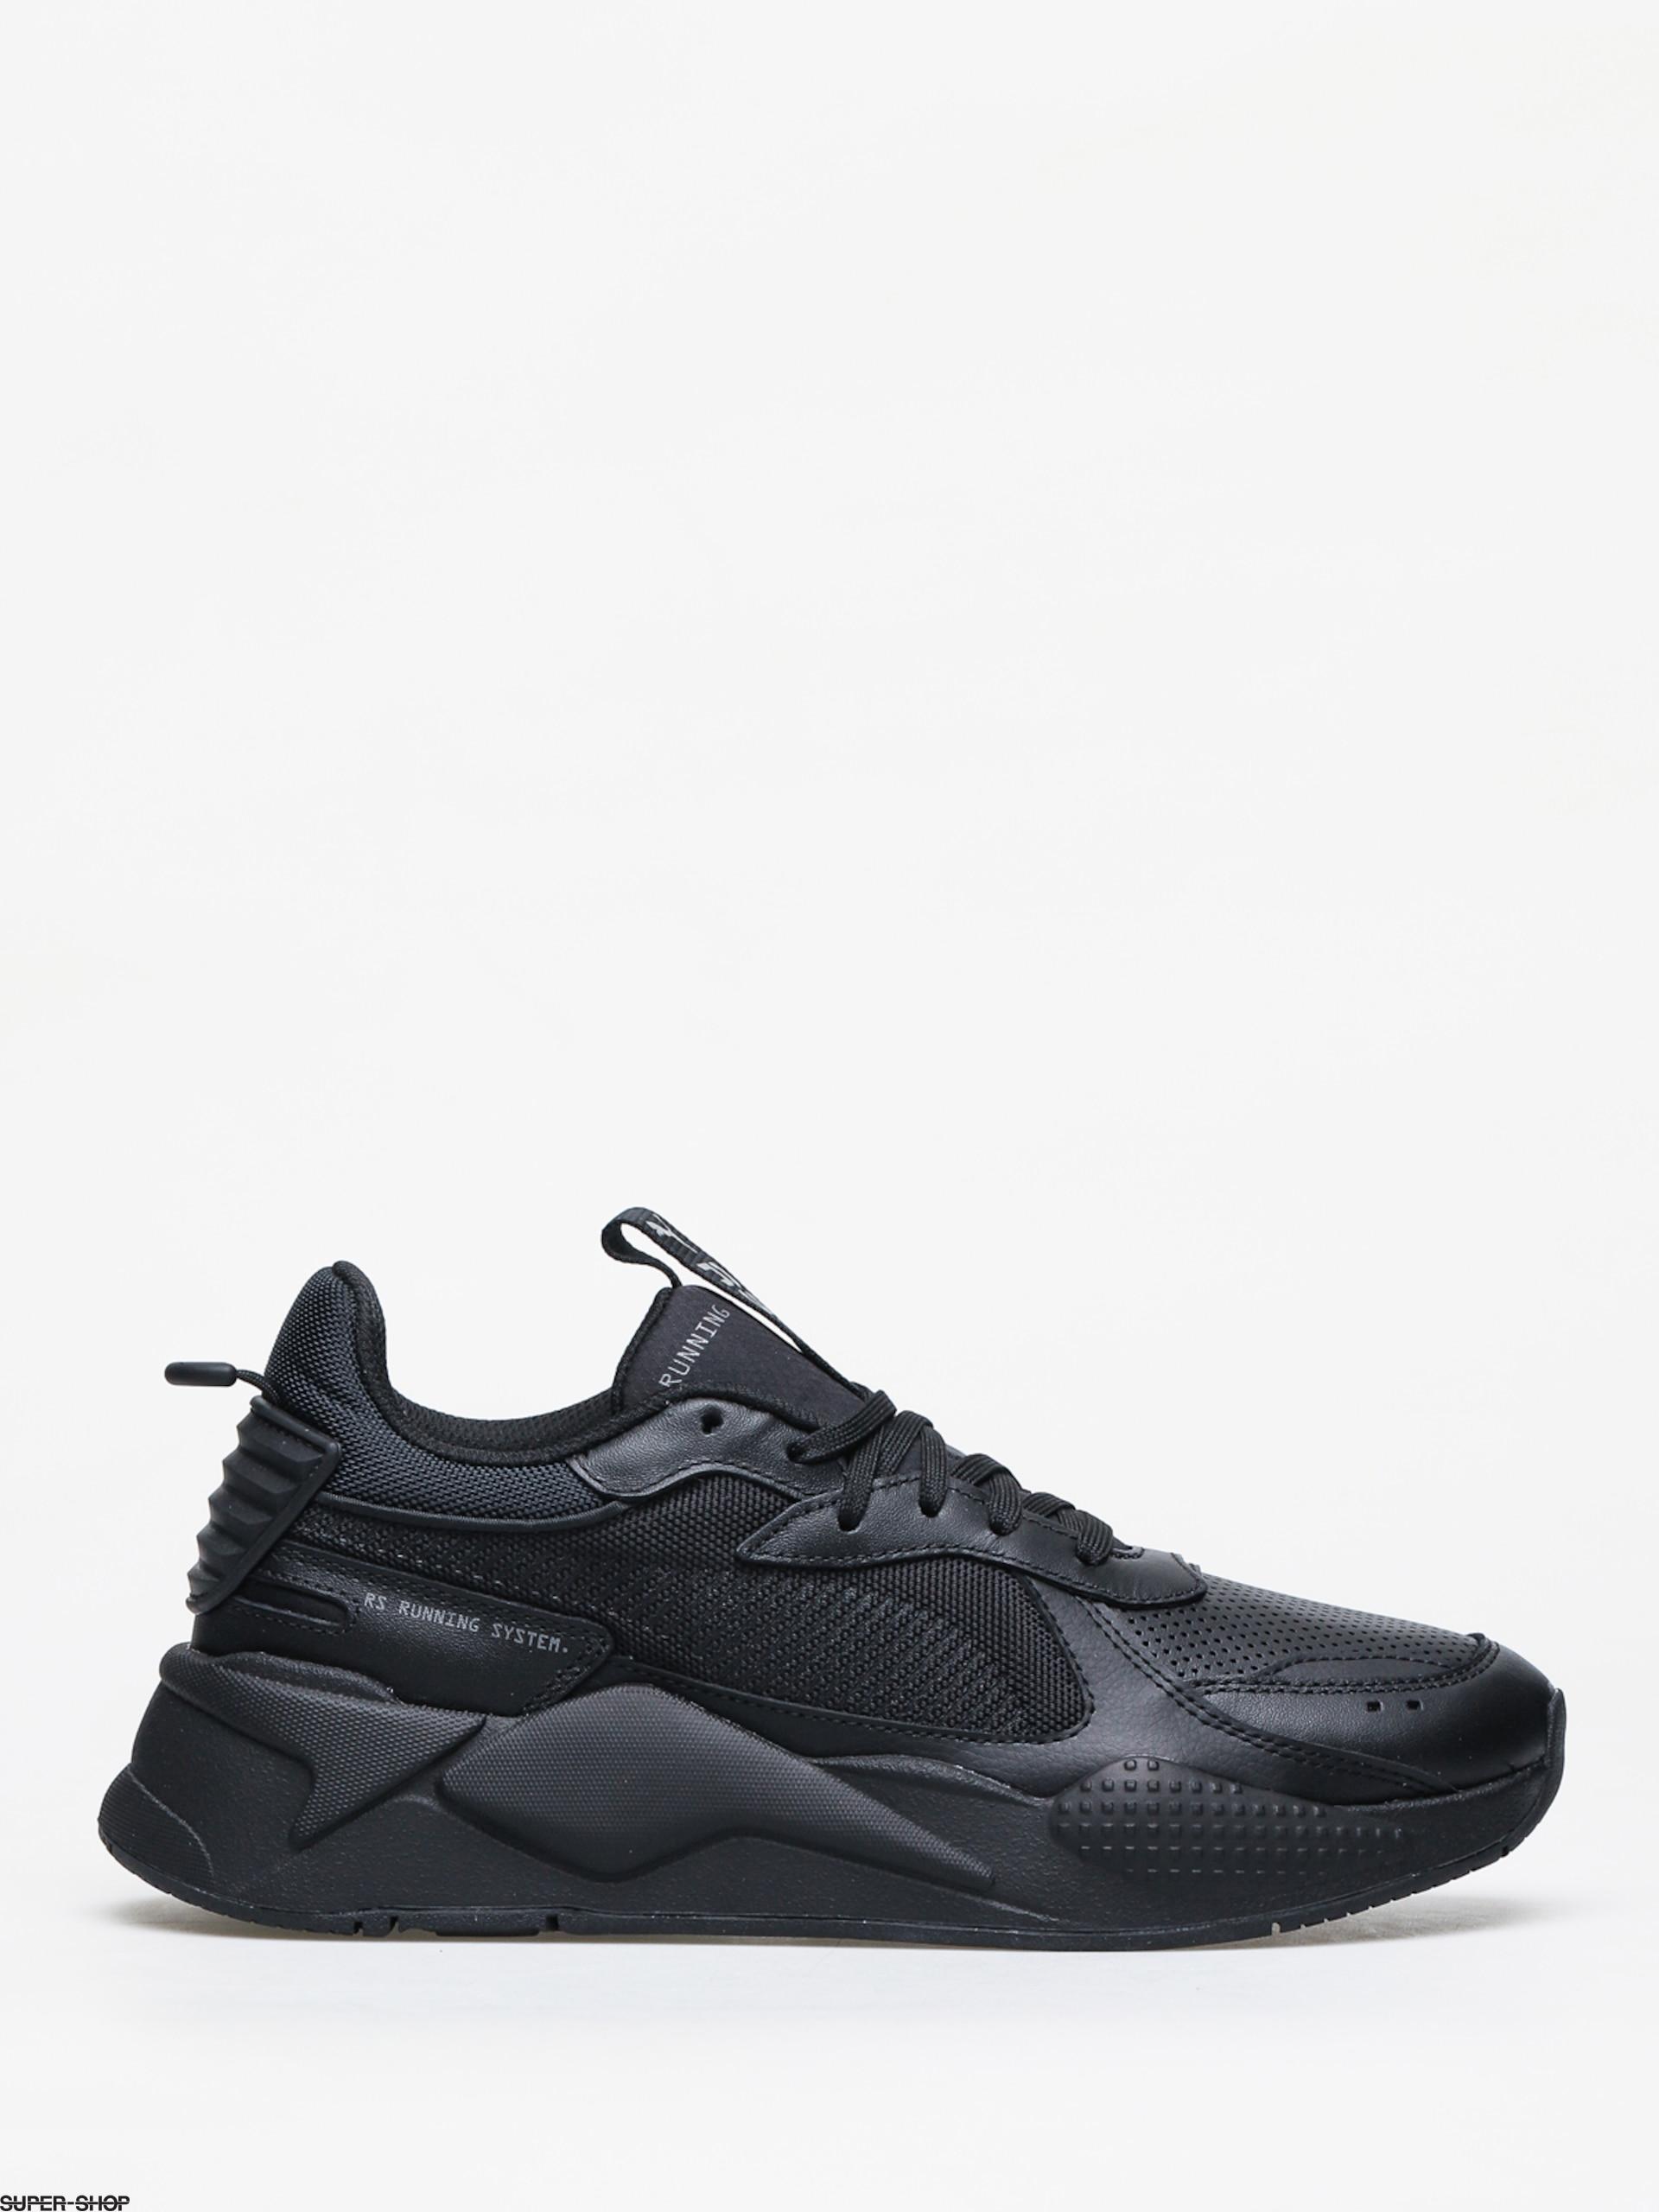 abrigo lento Mago  Puma RS X Winterized Shoes (puma black)